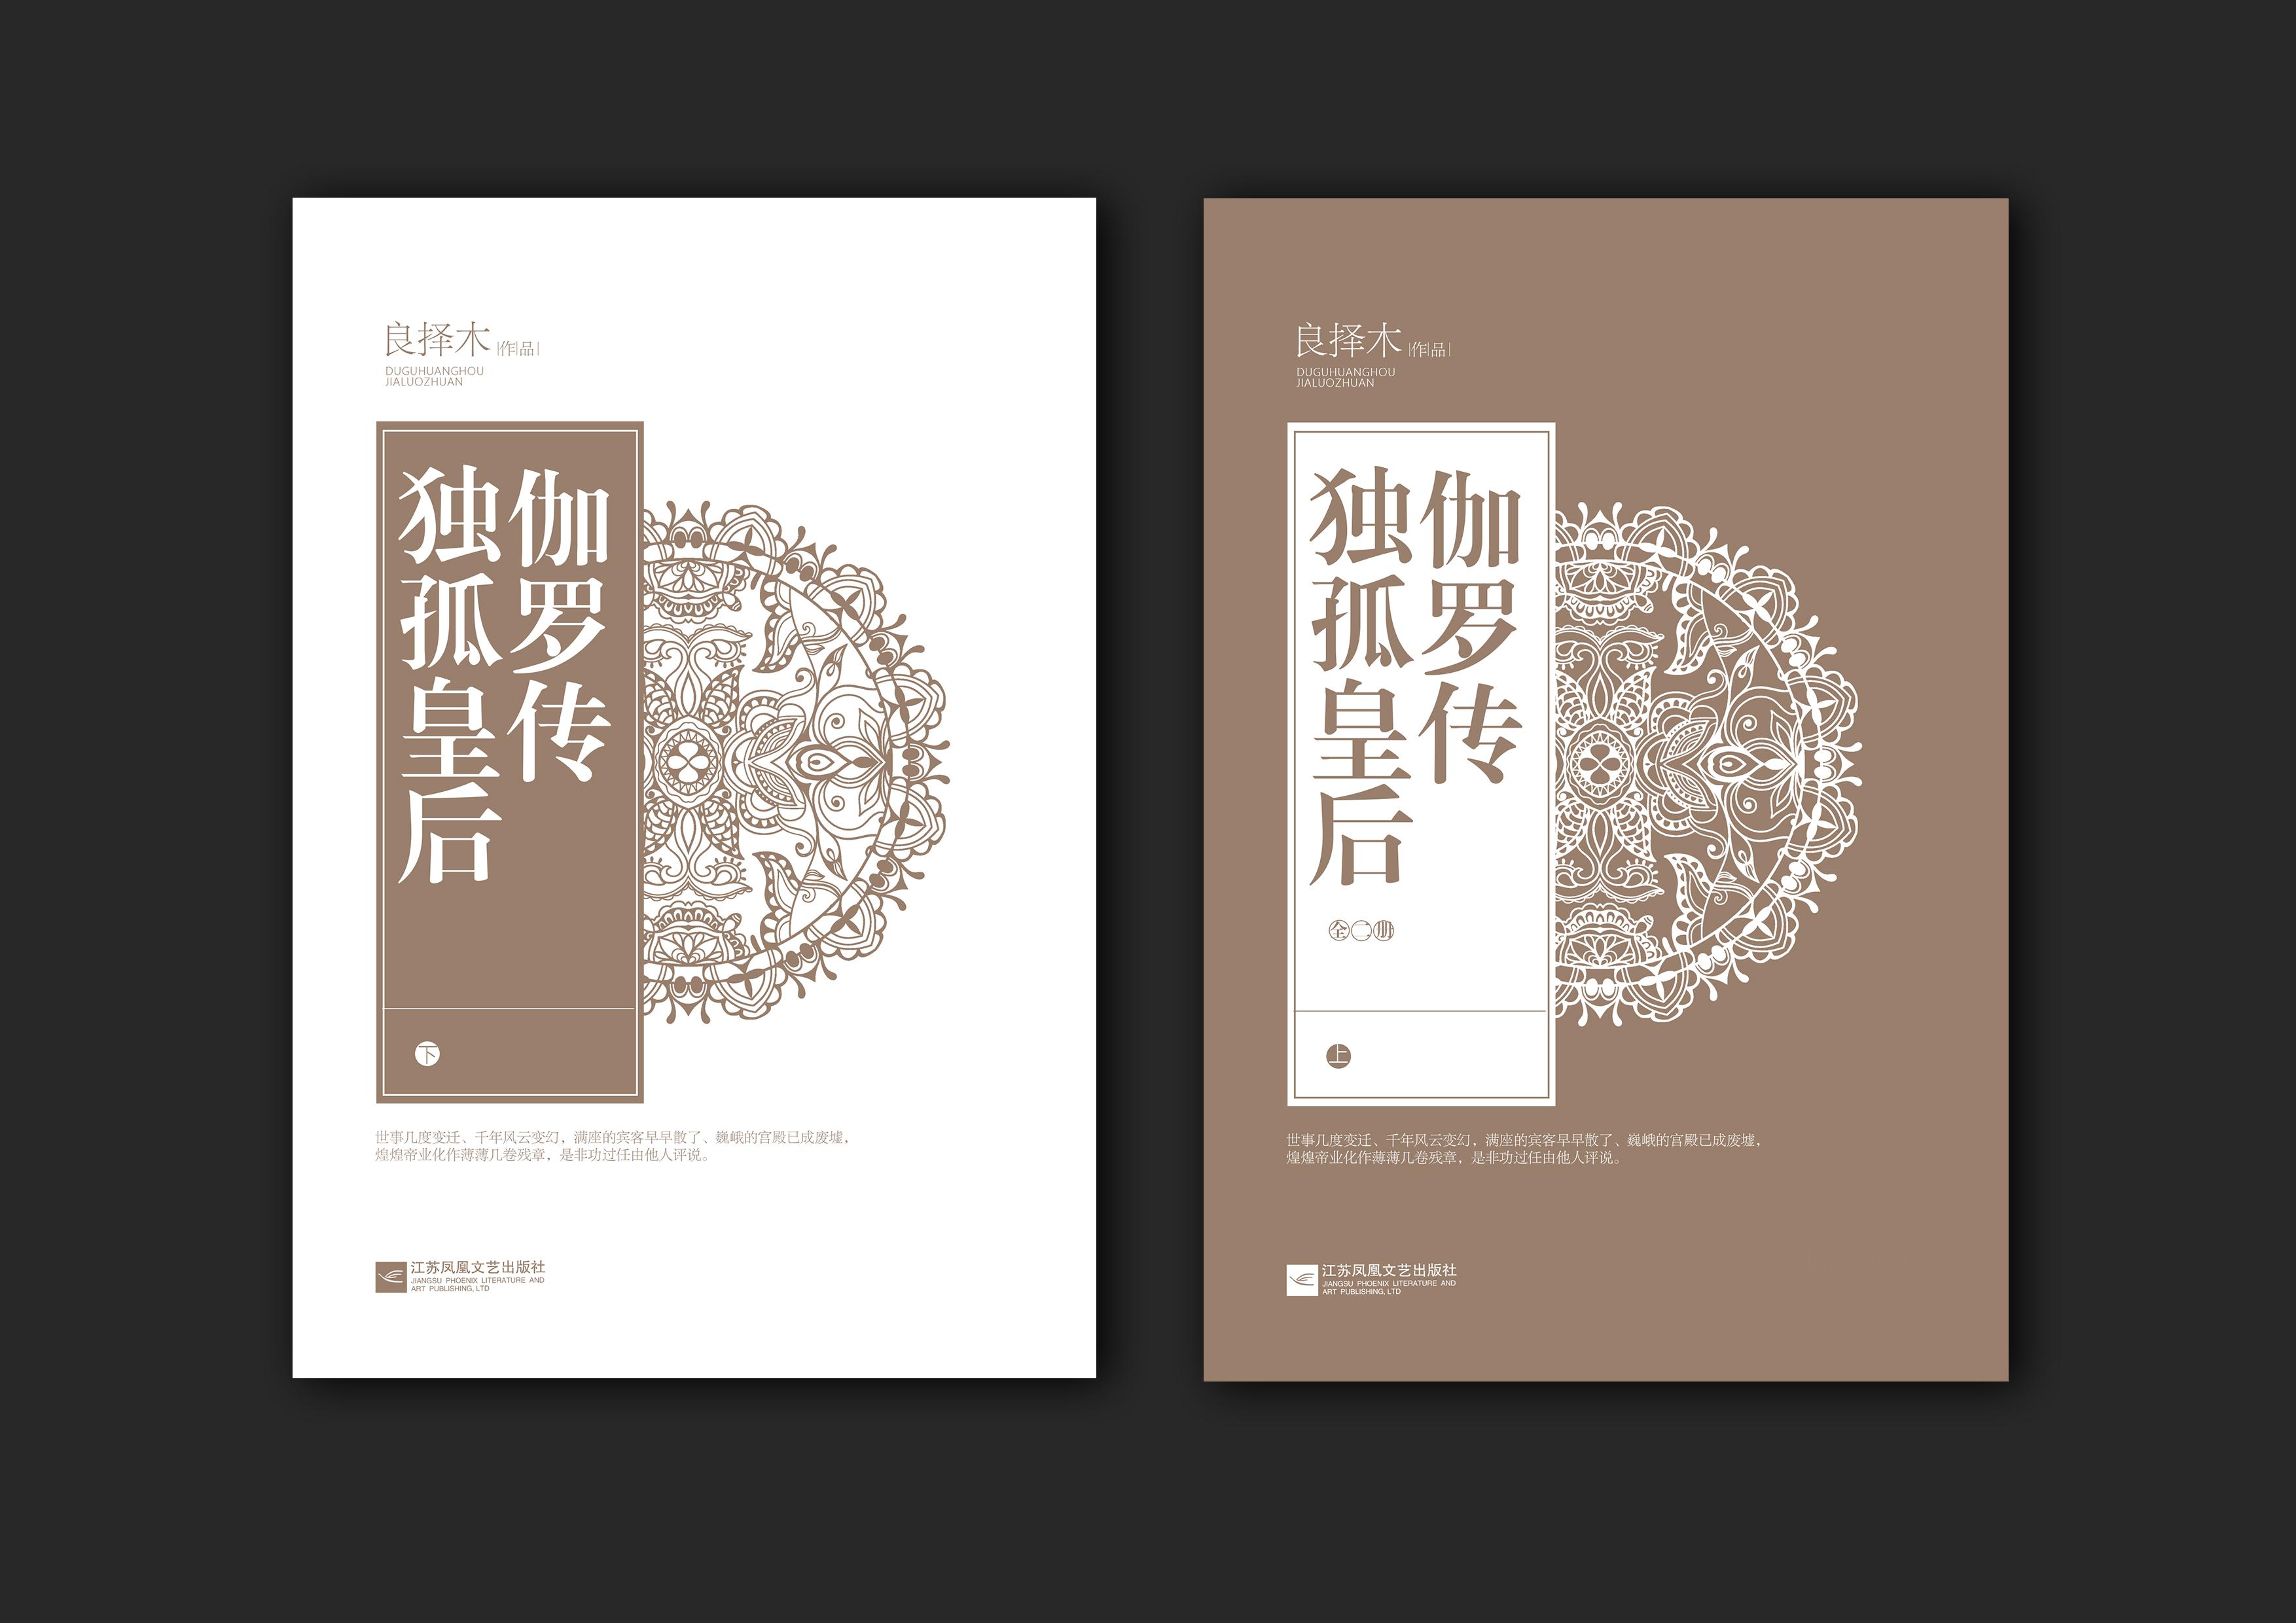 ‖书籍装帧设计‖004